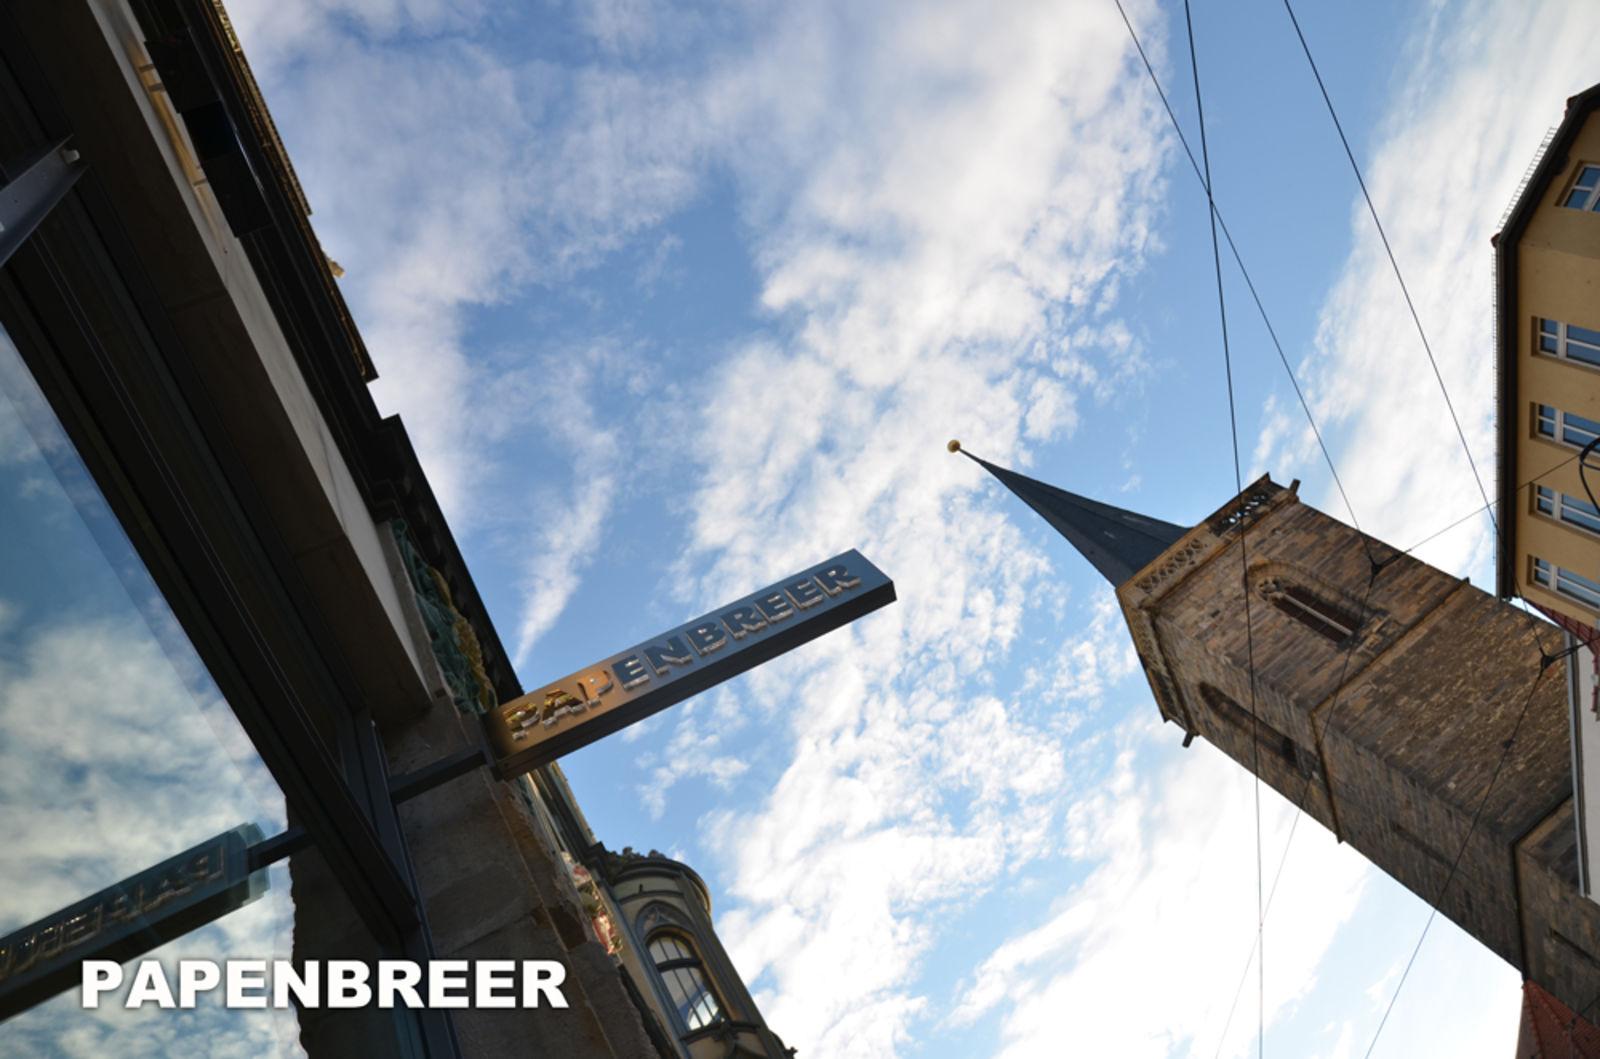 Papenbreer in Erfurt (Image 3)